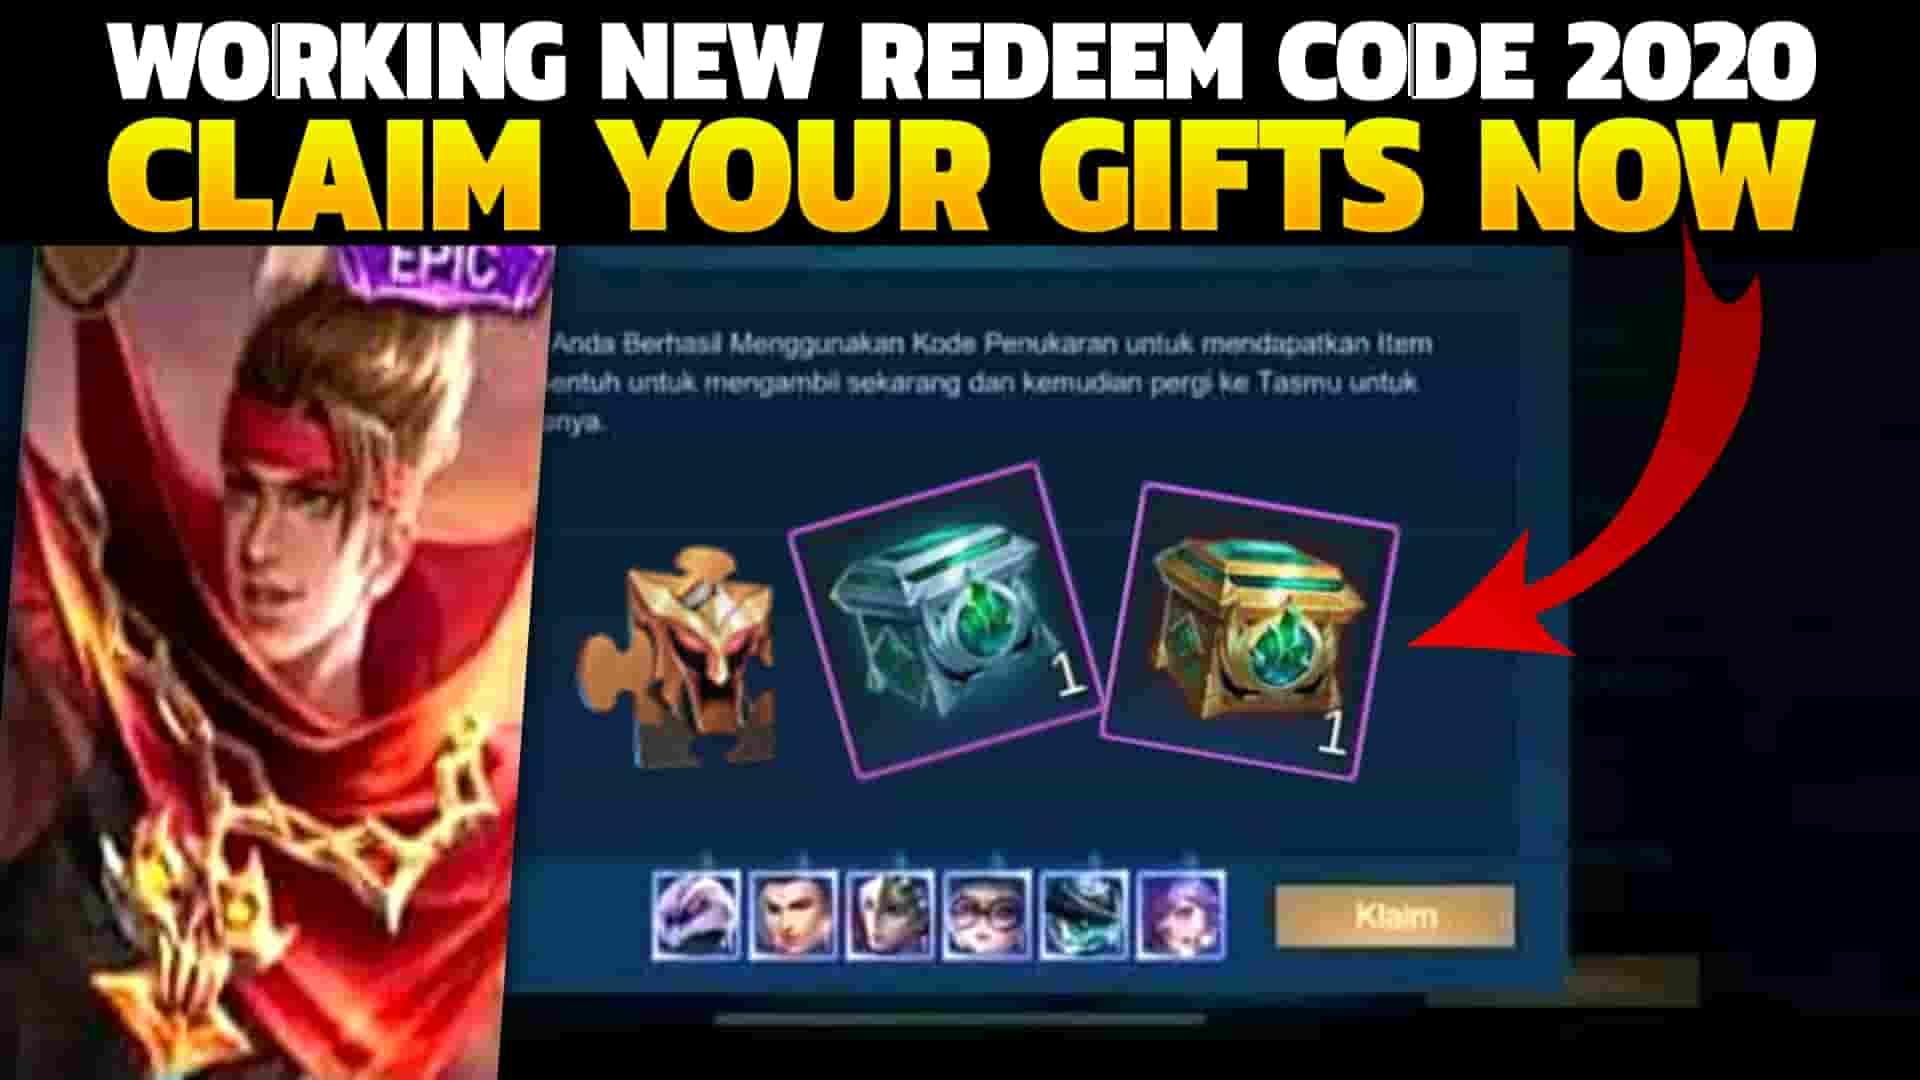 mobile legends redeem code,new redeem code ml,mobile legends redeem code,new redeem code mlbb,mlbb redeem code,code redeem ml,code redeem mobile legends,ml working new redeem code